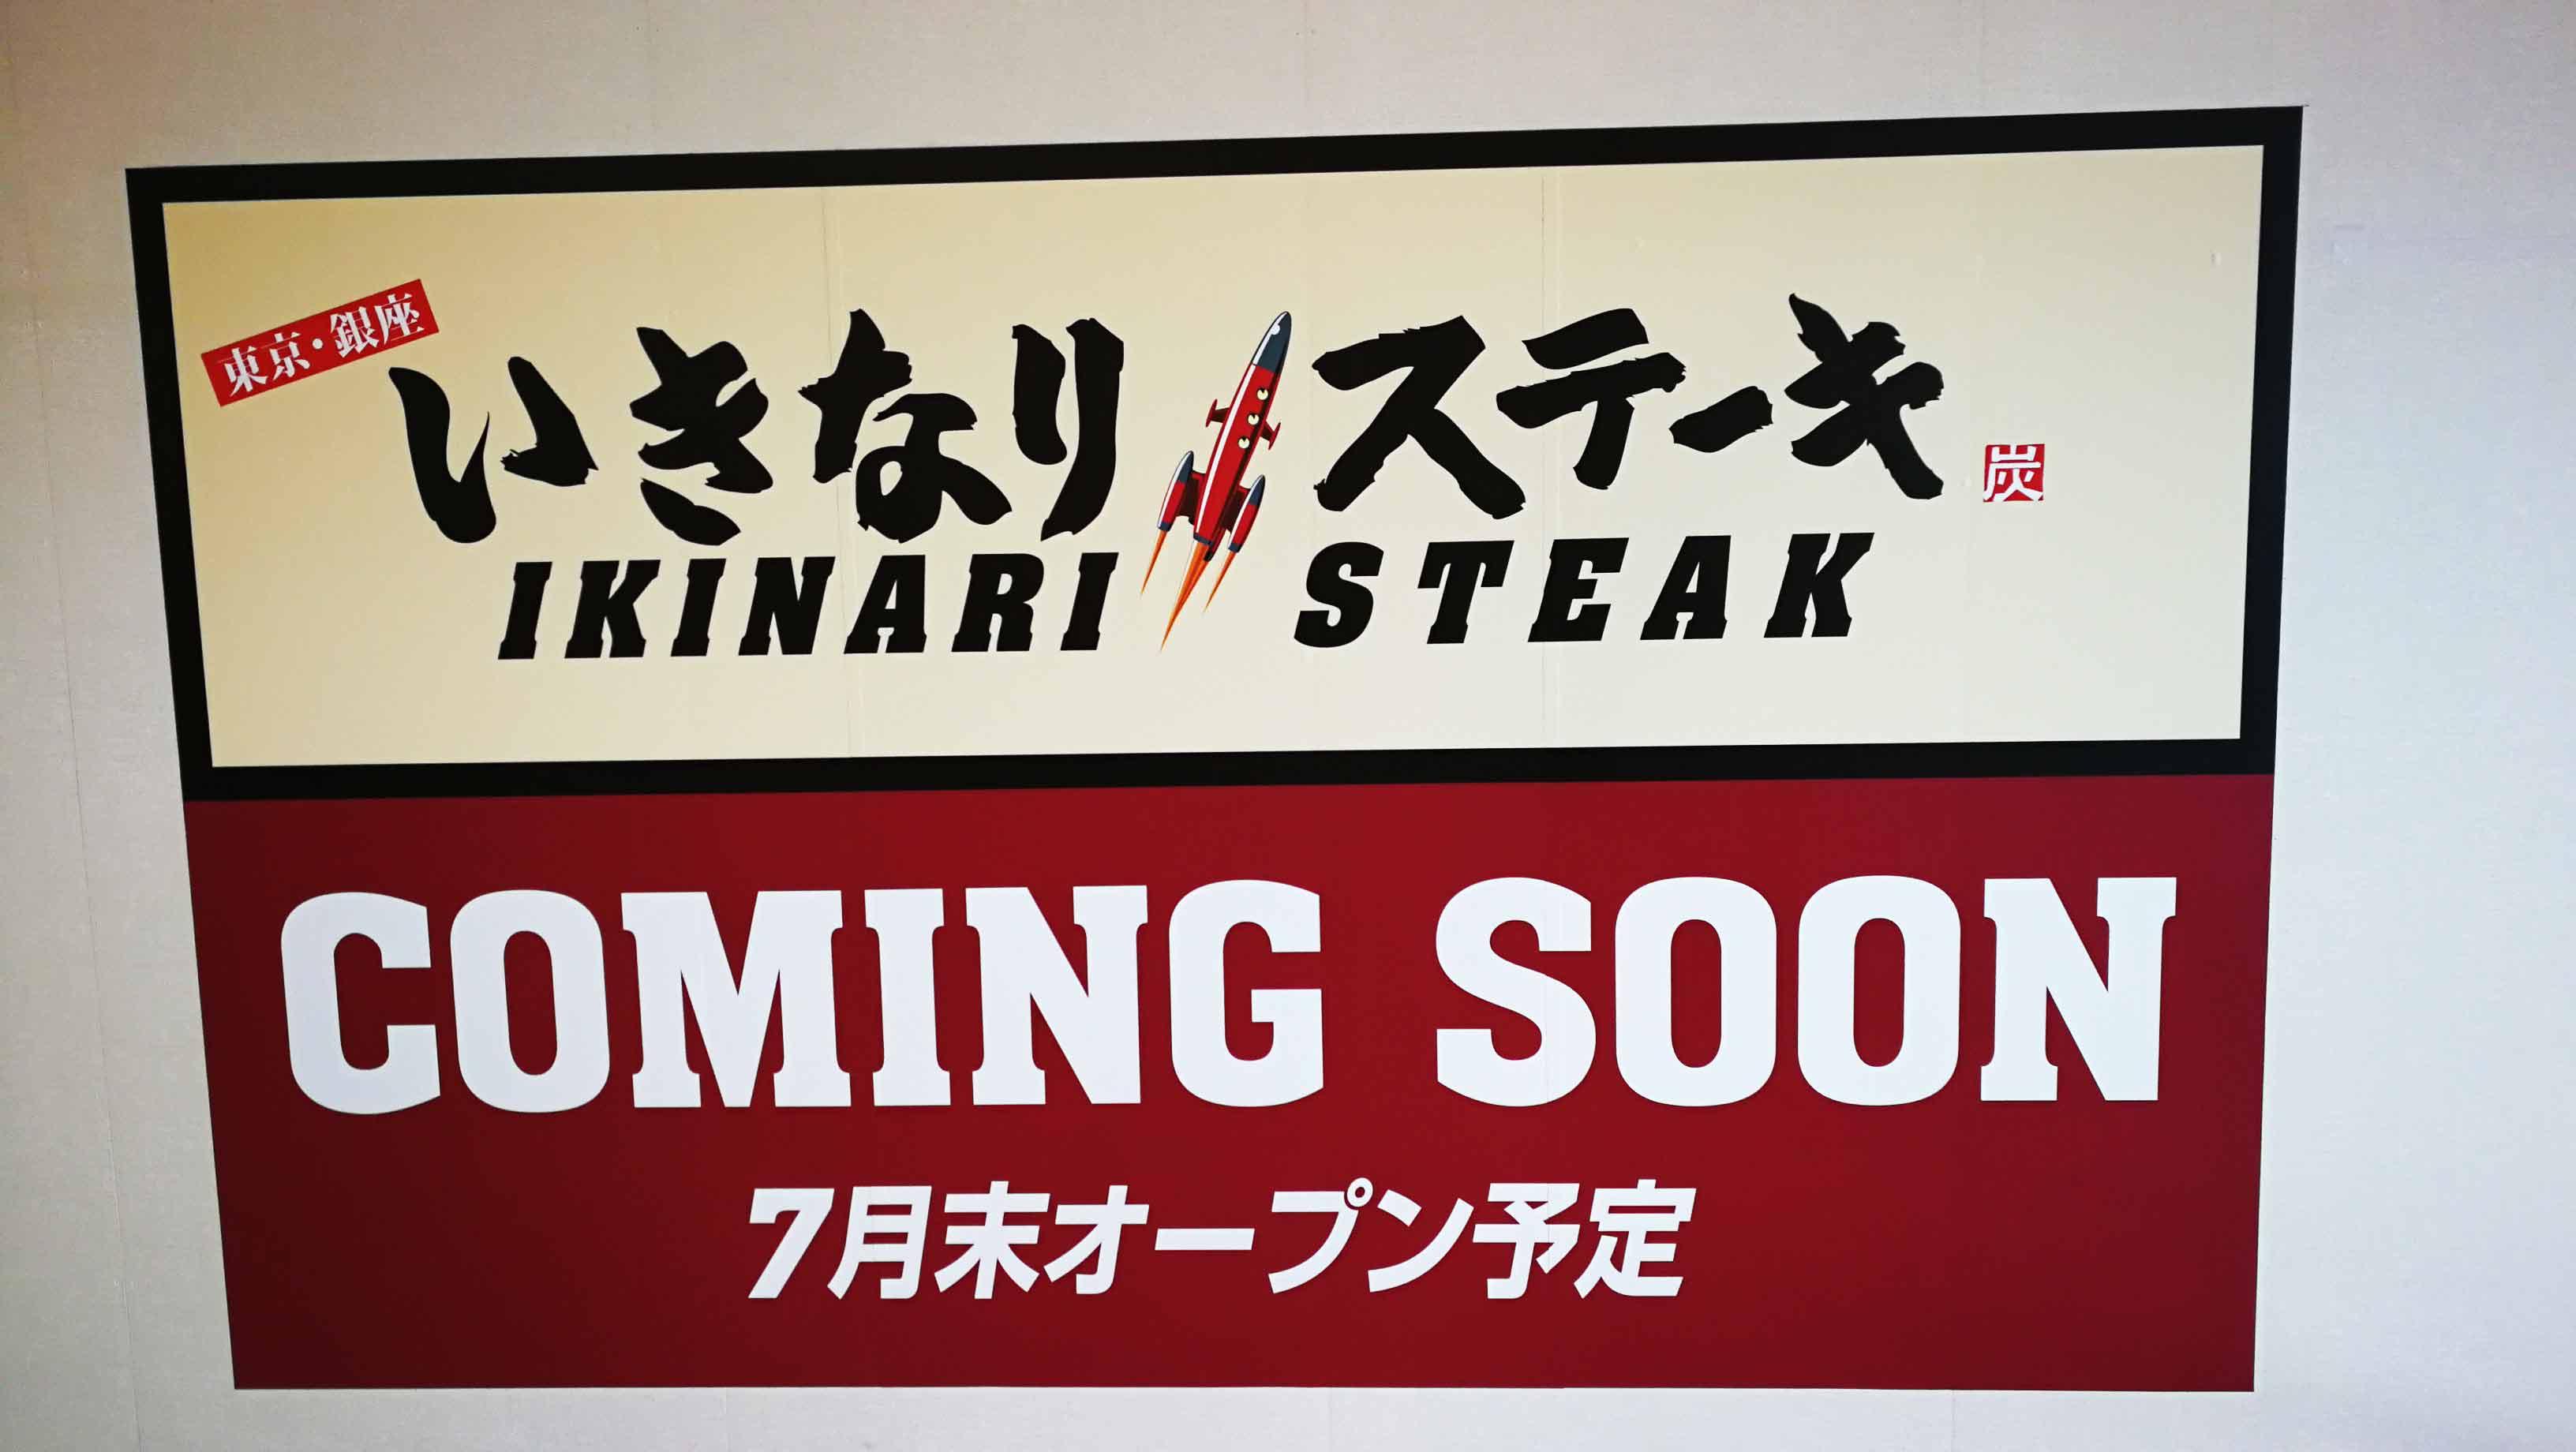 ステーキ 店舗 一覧 閉店 いきなり